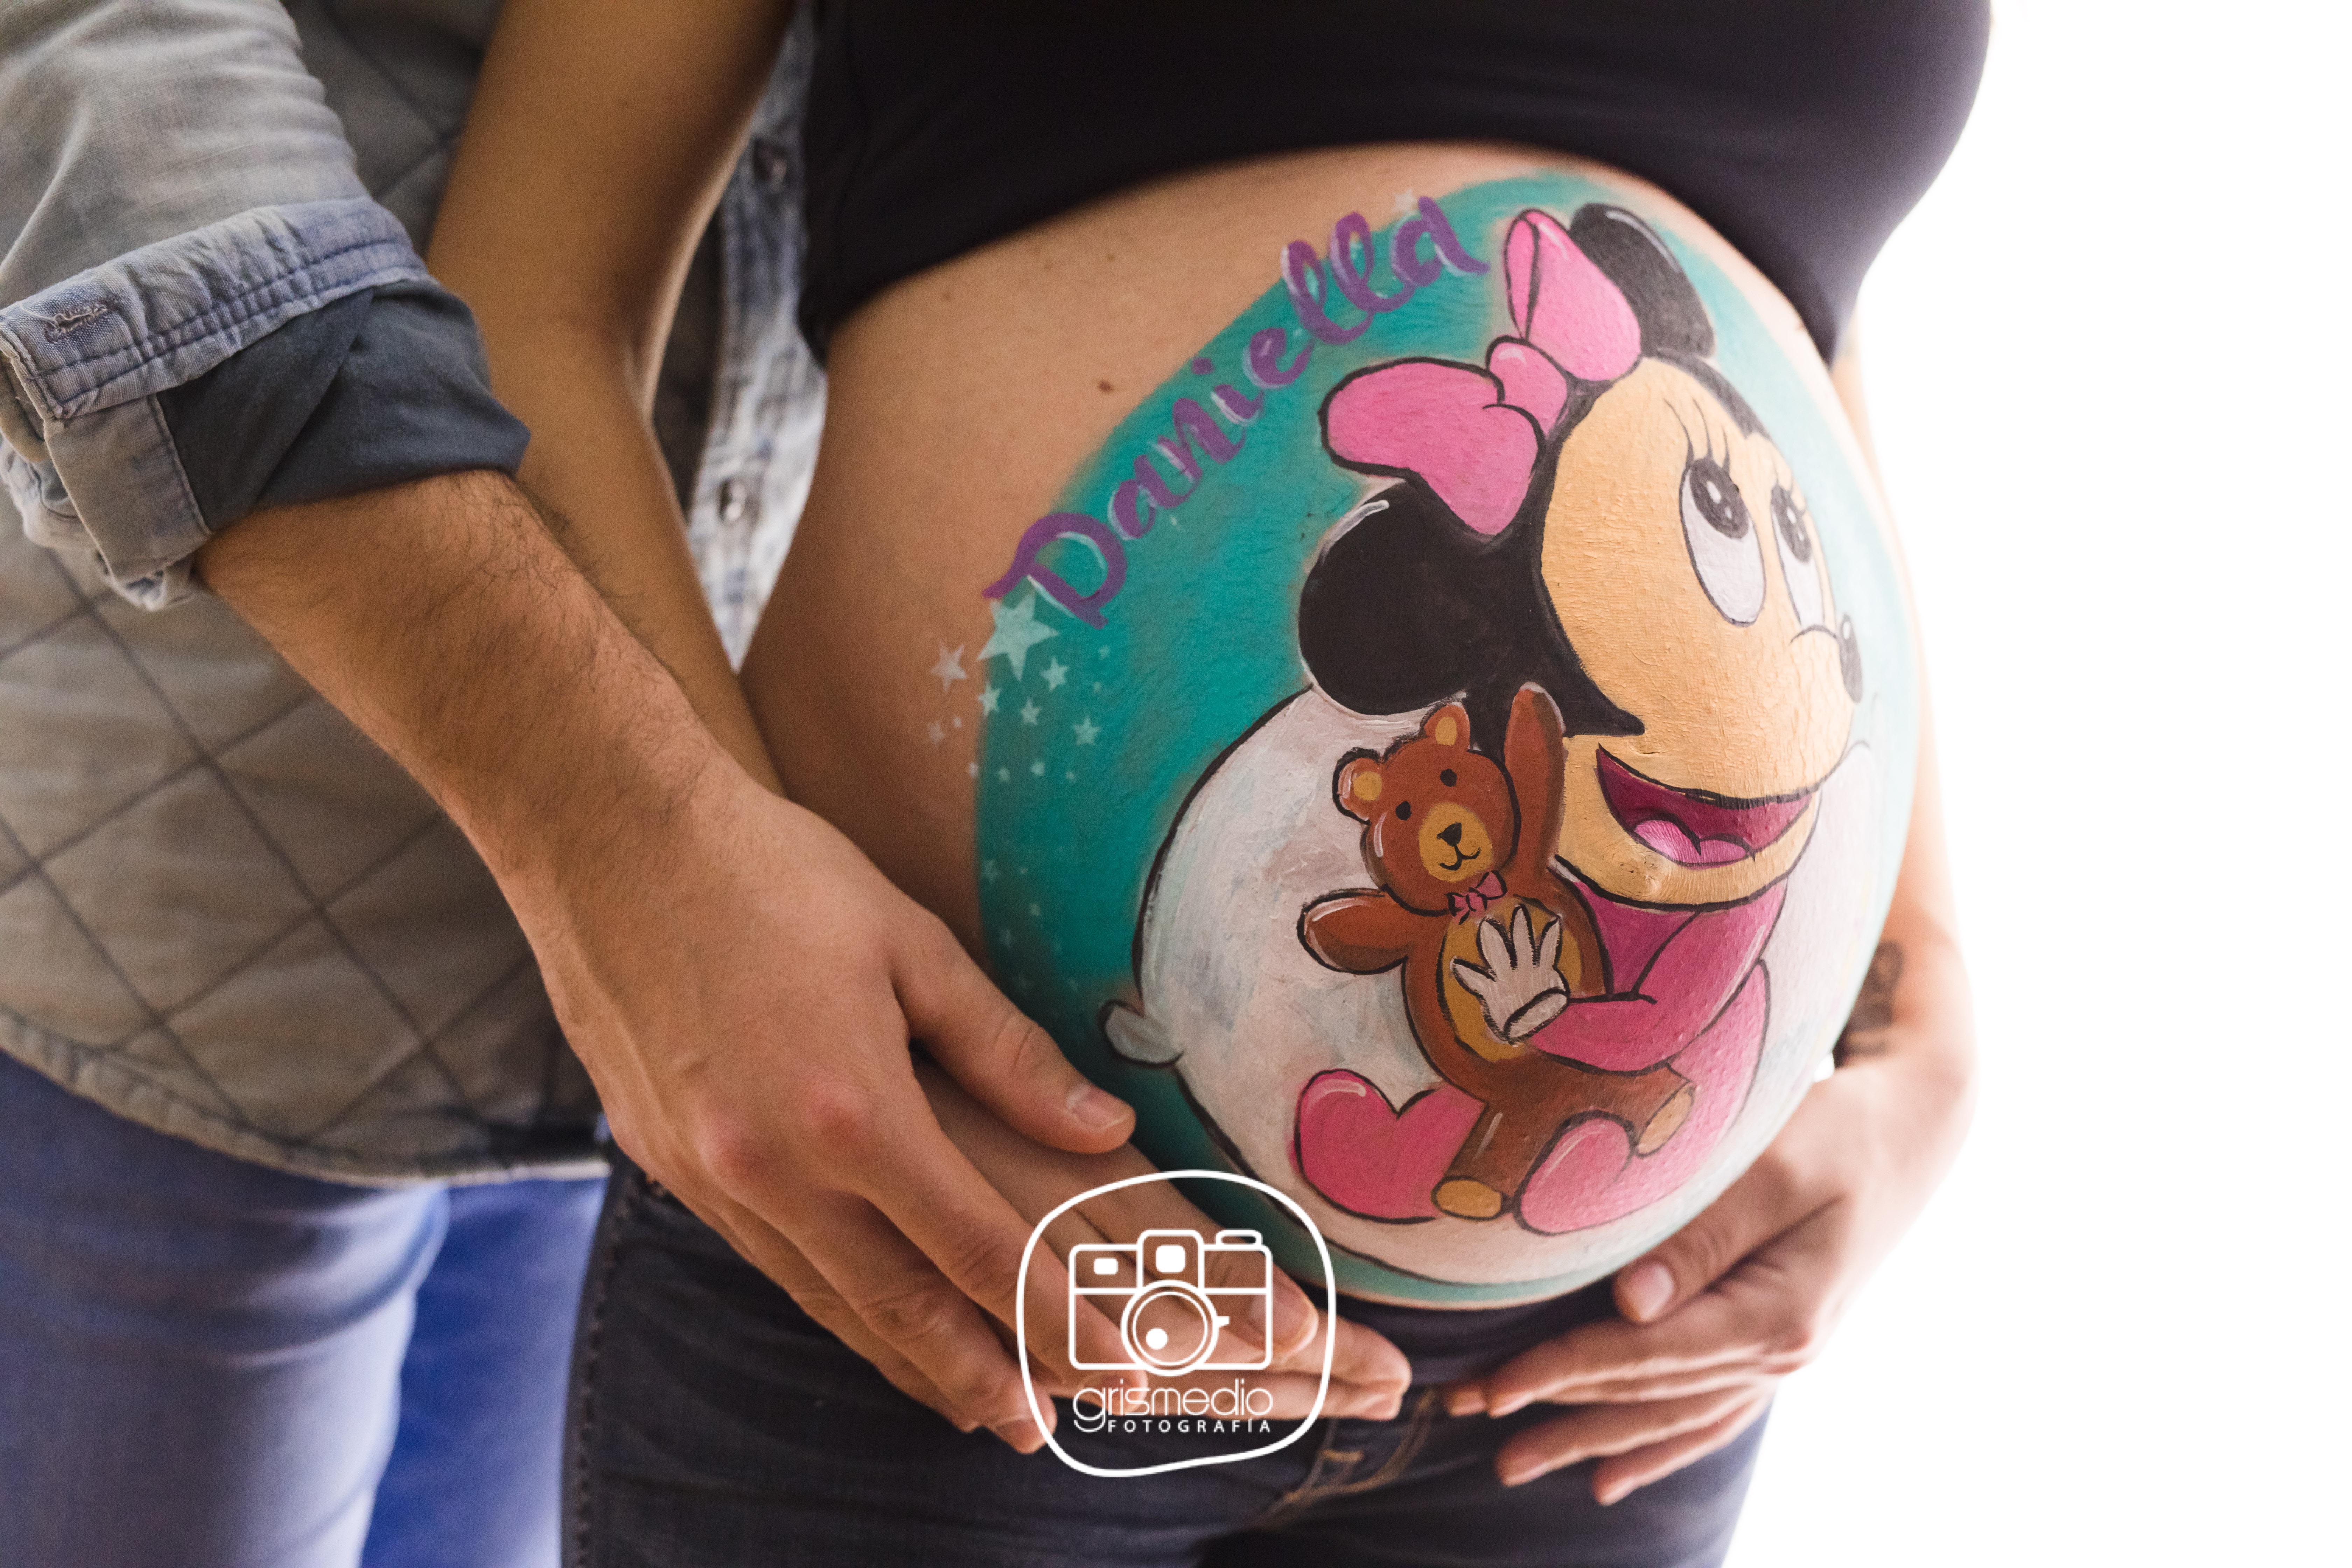 grismedio_fotografia_sesion_embarazo+newborn,_recien_nacido,_pack_sesiones,_zaragoza bellypainting ,